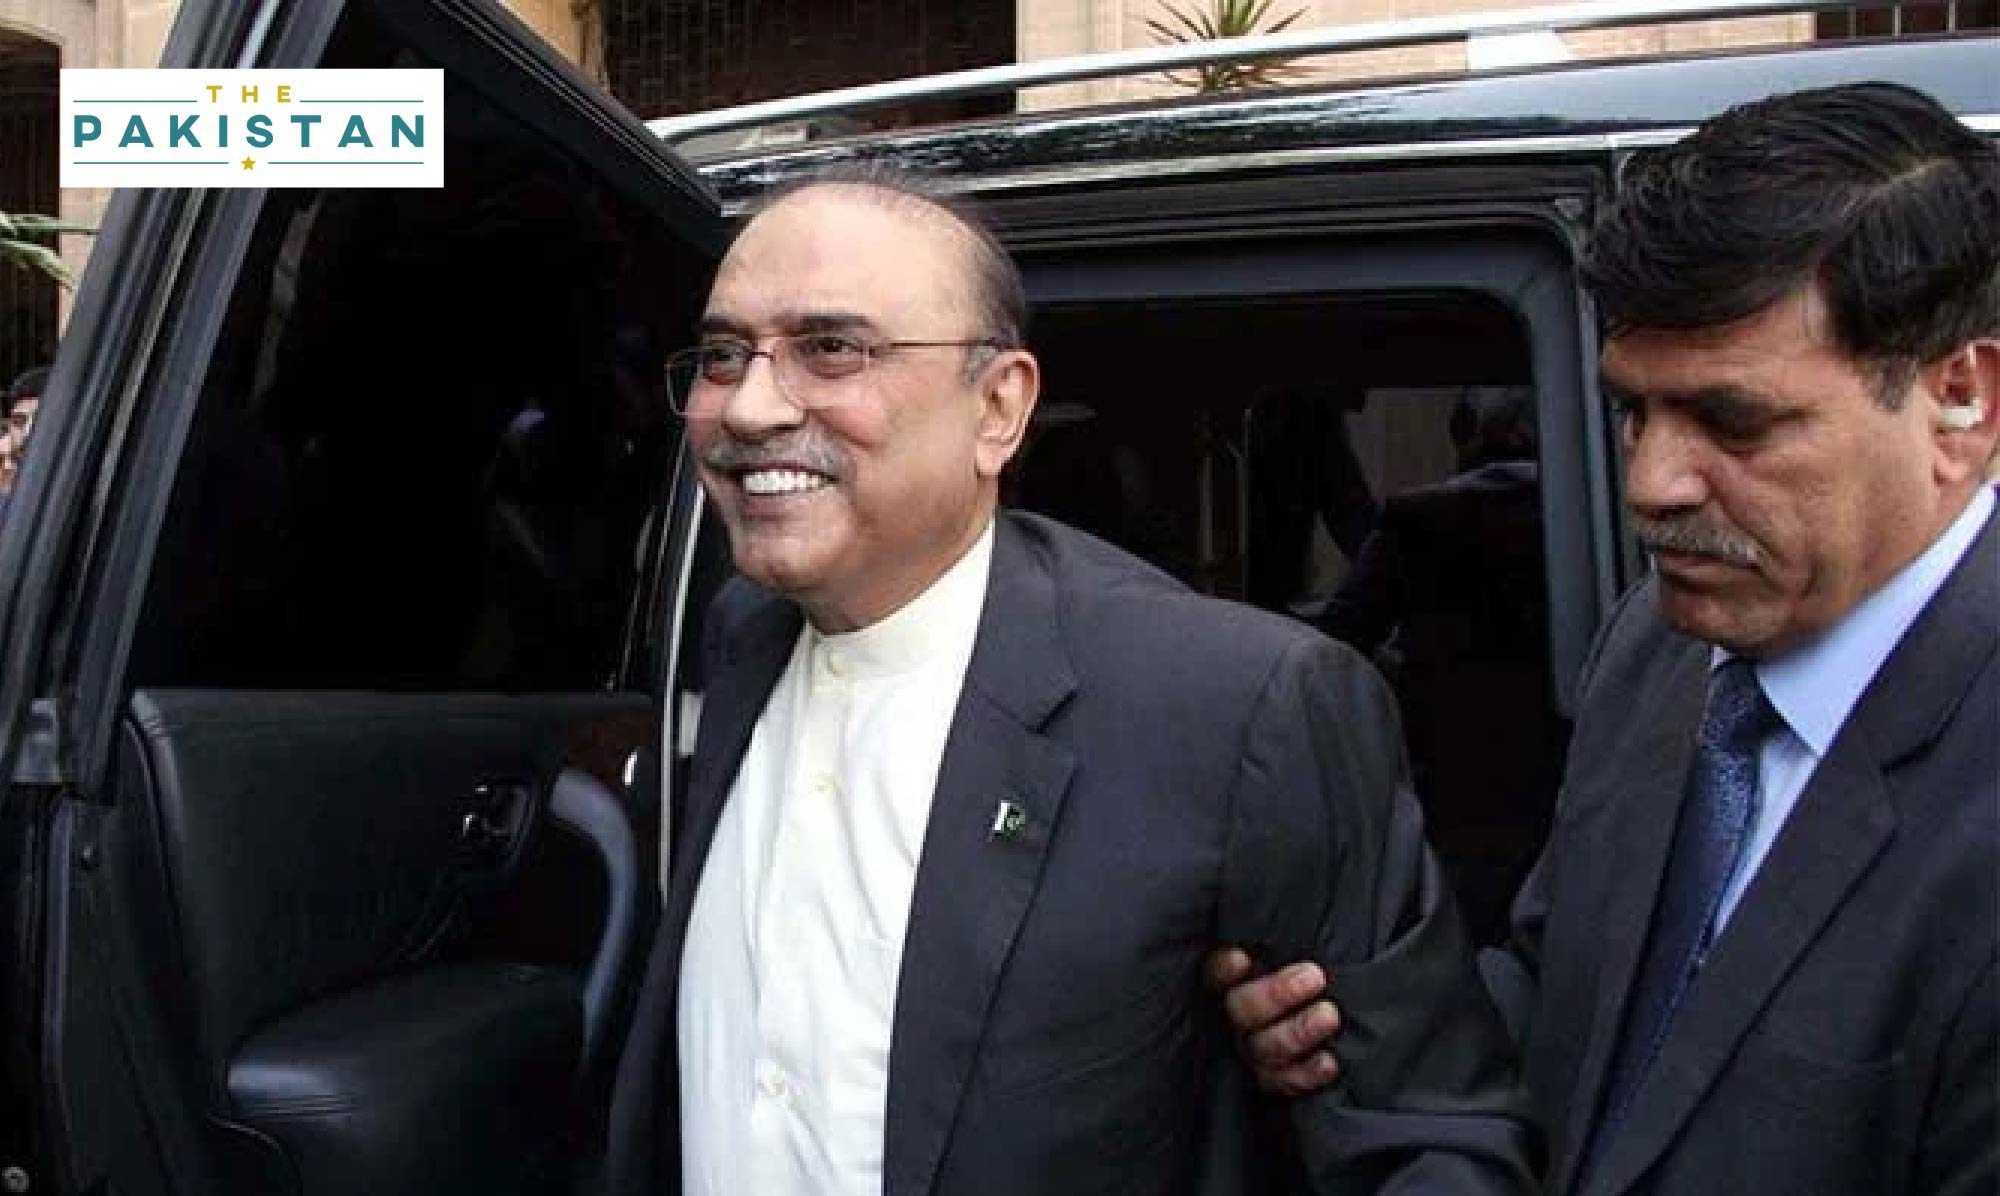 NAB issues warrants for Zardari's arrest